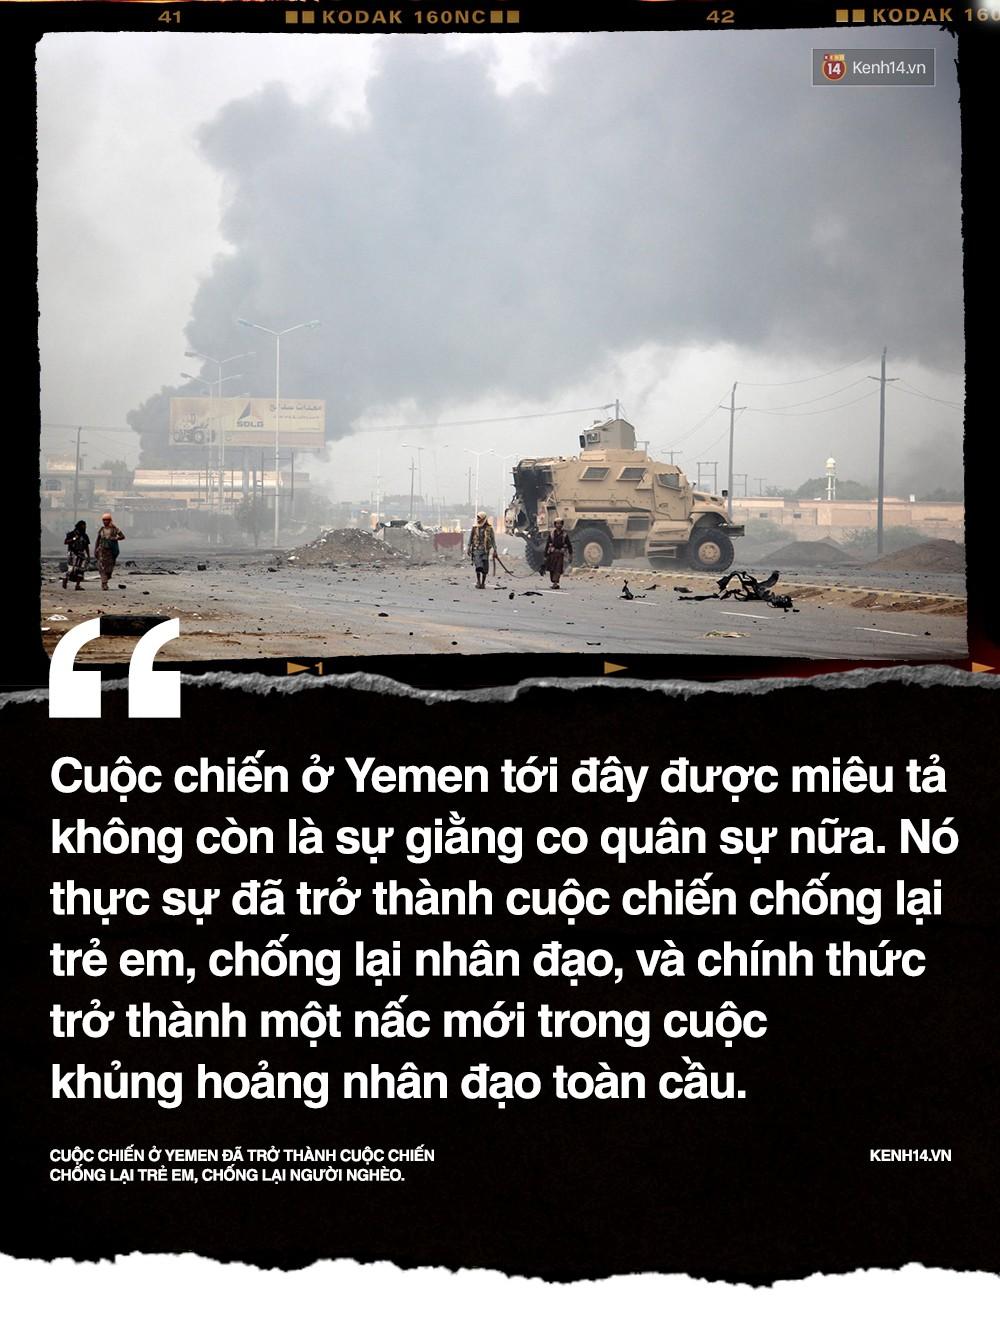 Amal Hussain: Biểu tượng nạn đói Yemen và sứ mệnh hy sinh cho cả dân tộc trên vai những đứa trẻ - Ảnh 3.